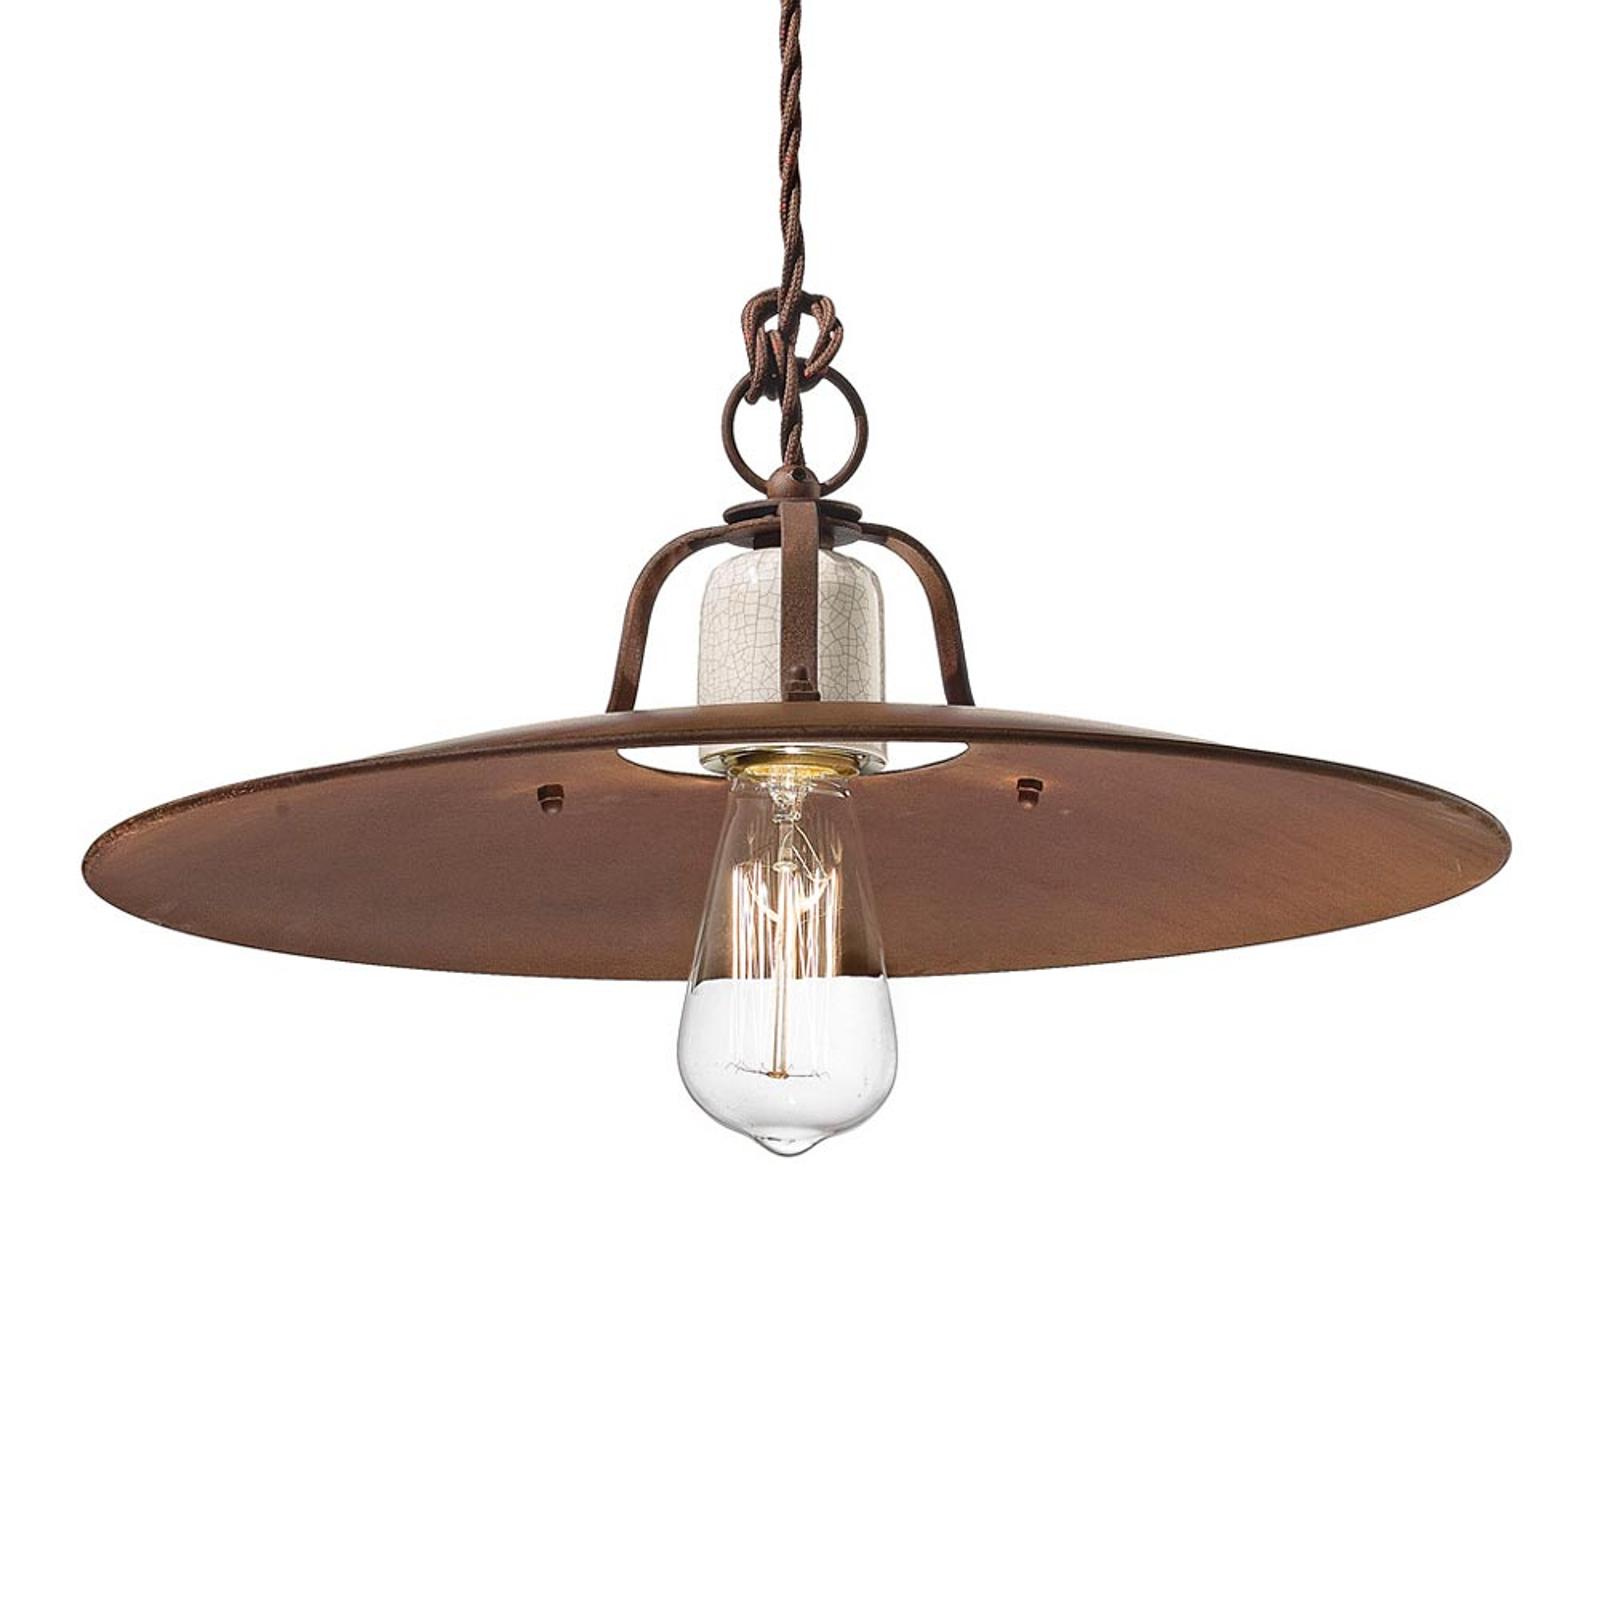 Lampa wisząca Riccardo z dużym metalowym kloszem